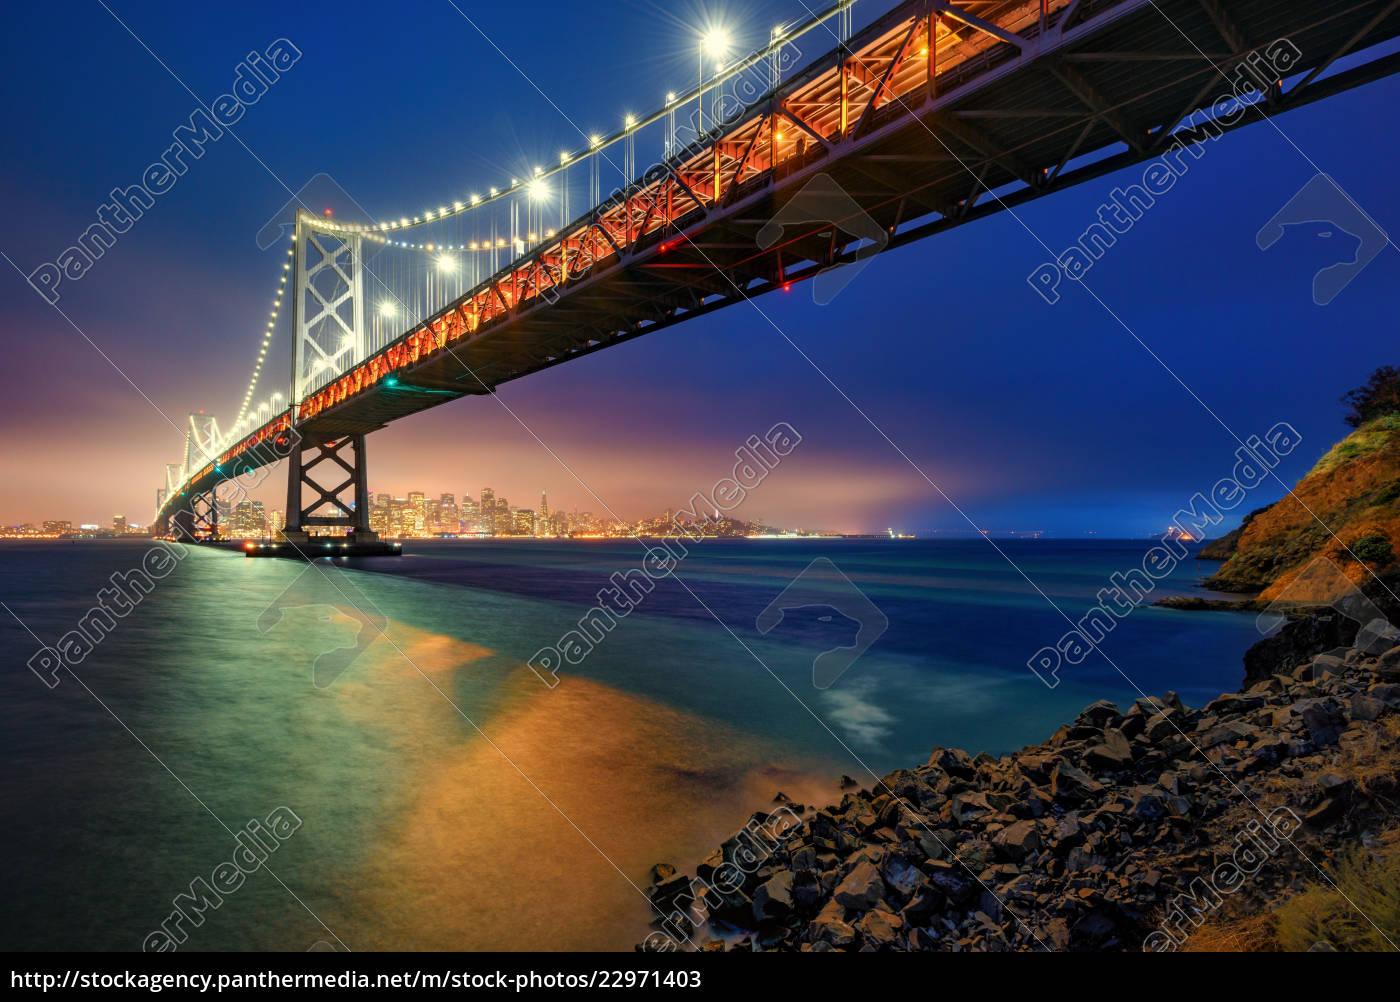 puente, de, la, bahía - 22971403